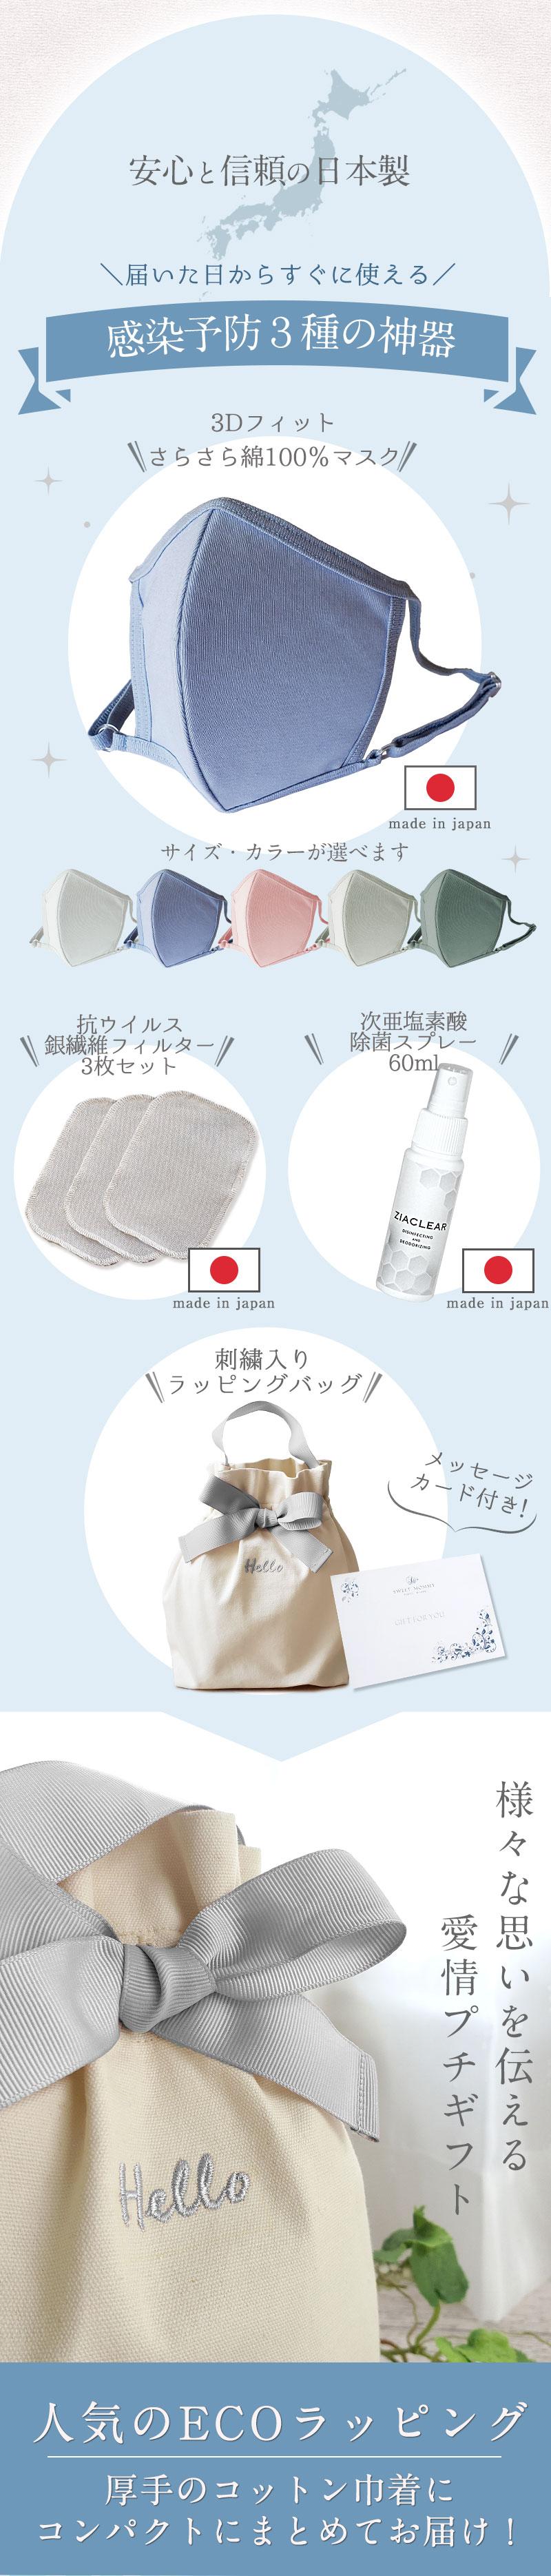 外出先での感染予防に 綿100%マスク1枚&銀繊維フィルター3枚&除菌消臭スプレー